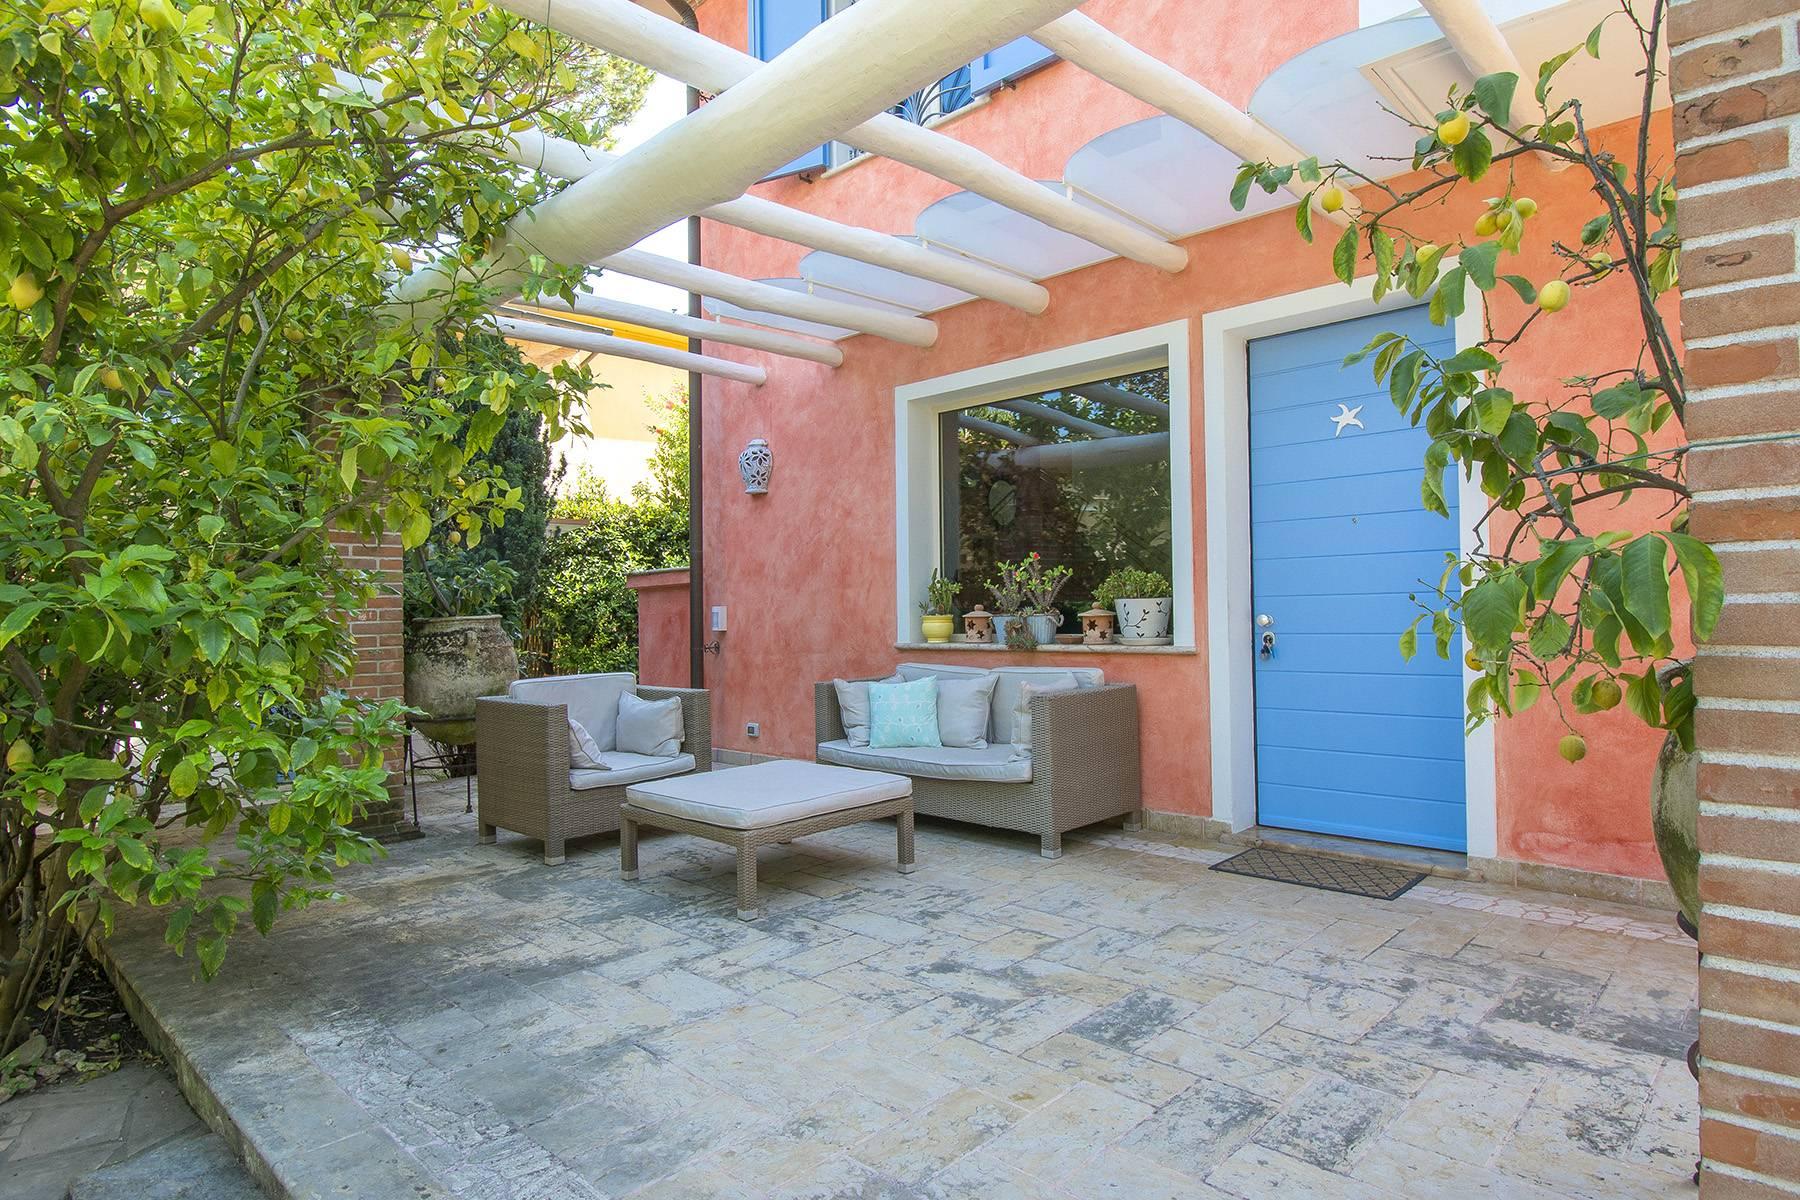 Casa indipendente in Vendita a Pietrasanta: 5 locali, 180 mq - Foto 3